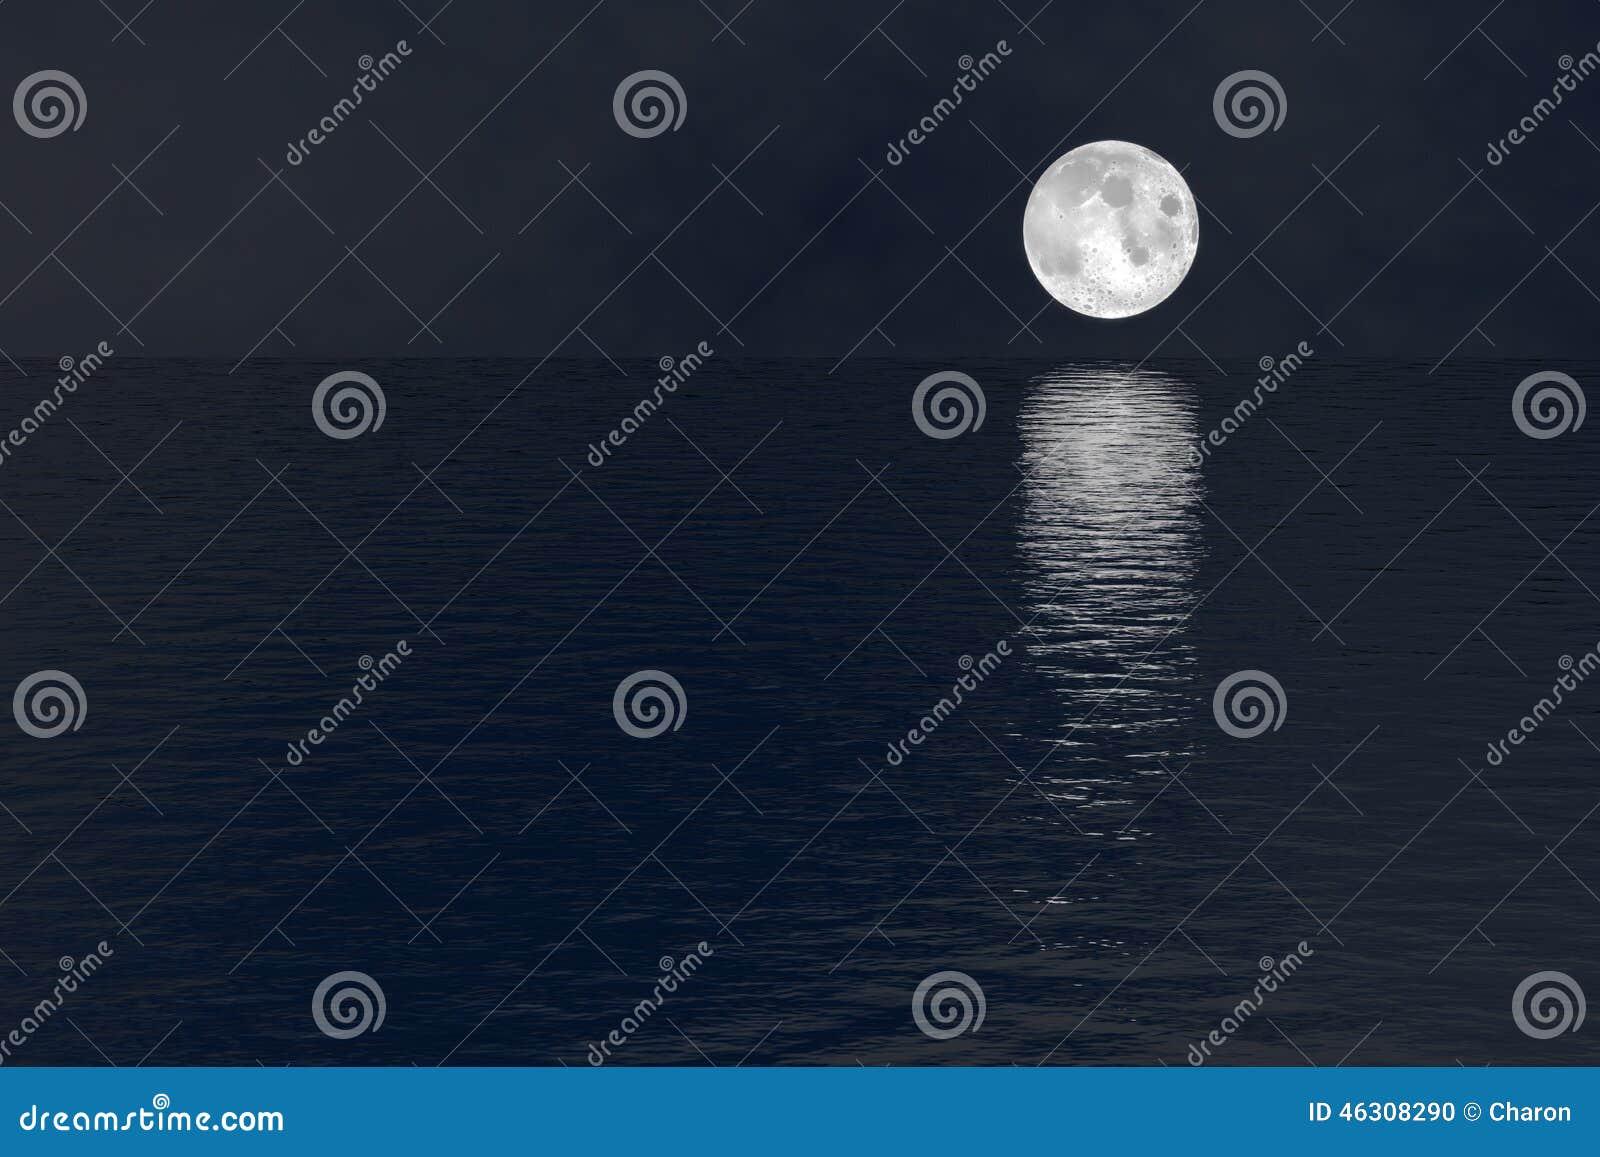 Half Moon Over Ocean